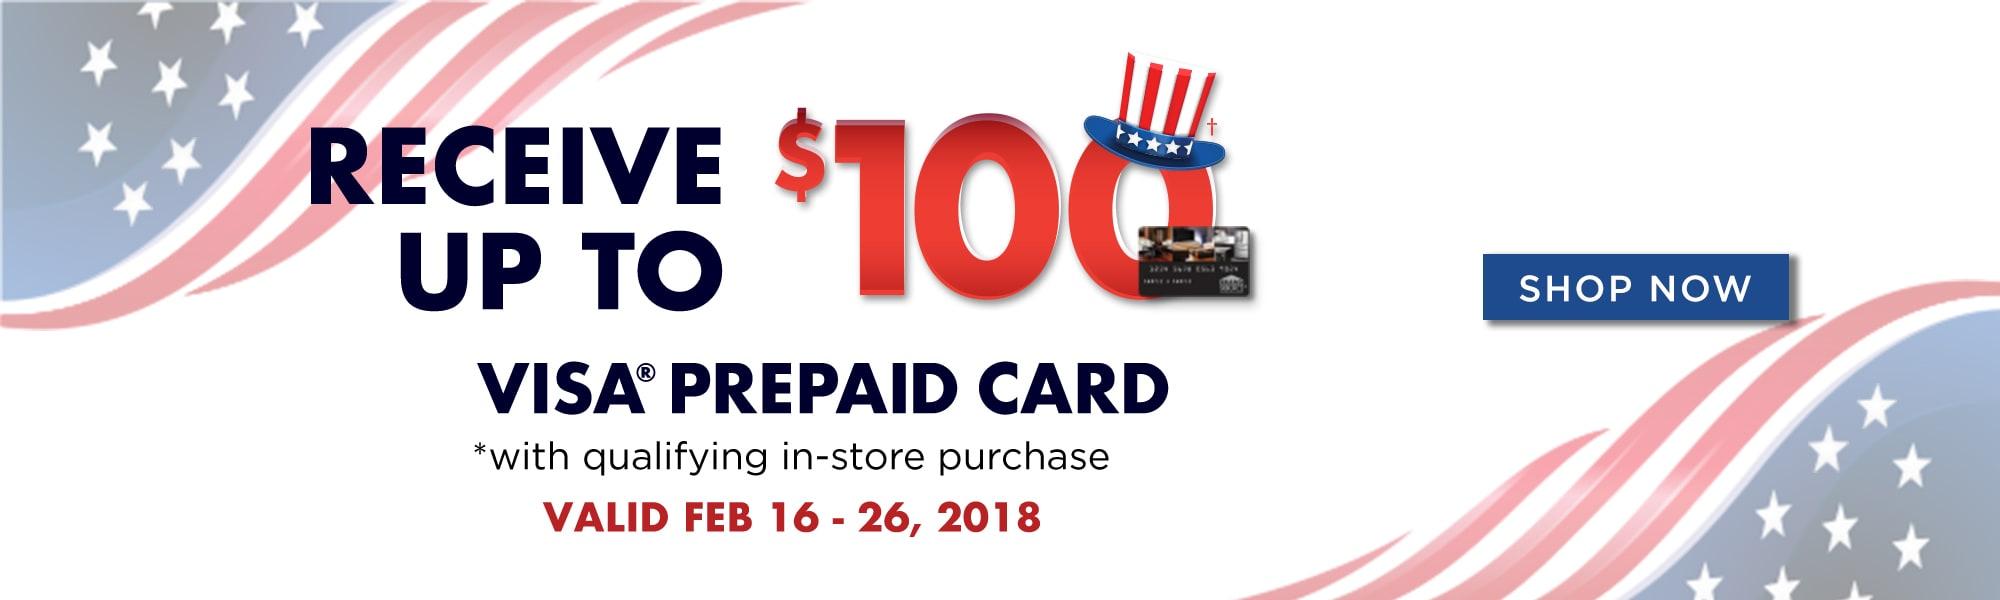 Receive up to $100 Visa Prepaid Card